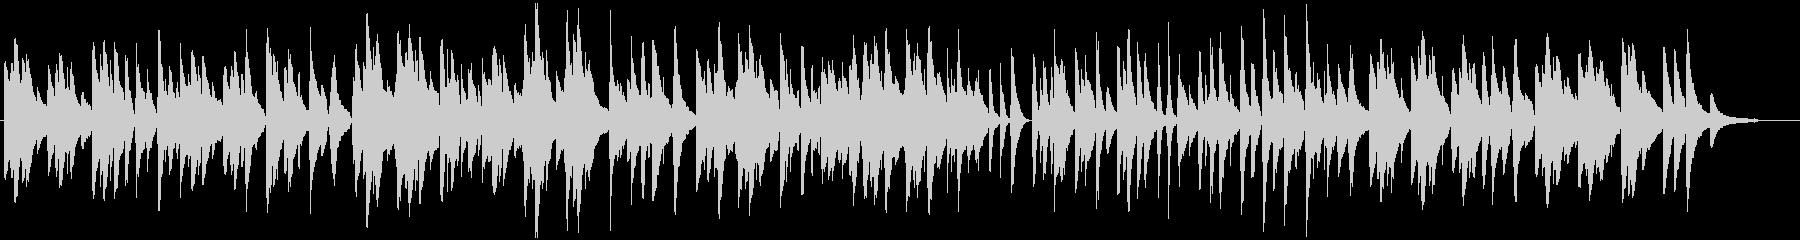 優しくかわいいピアノBGMの未再生の波形